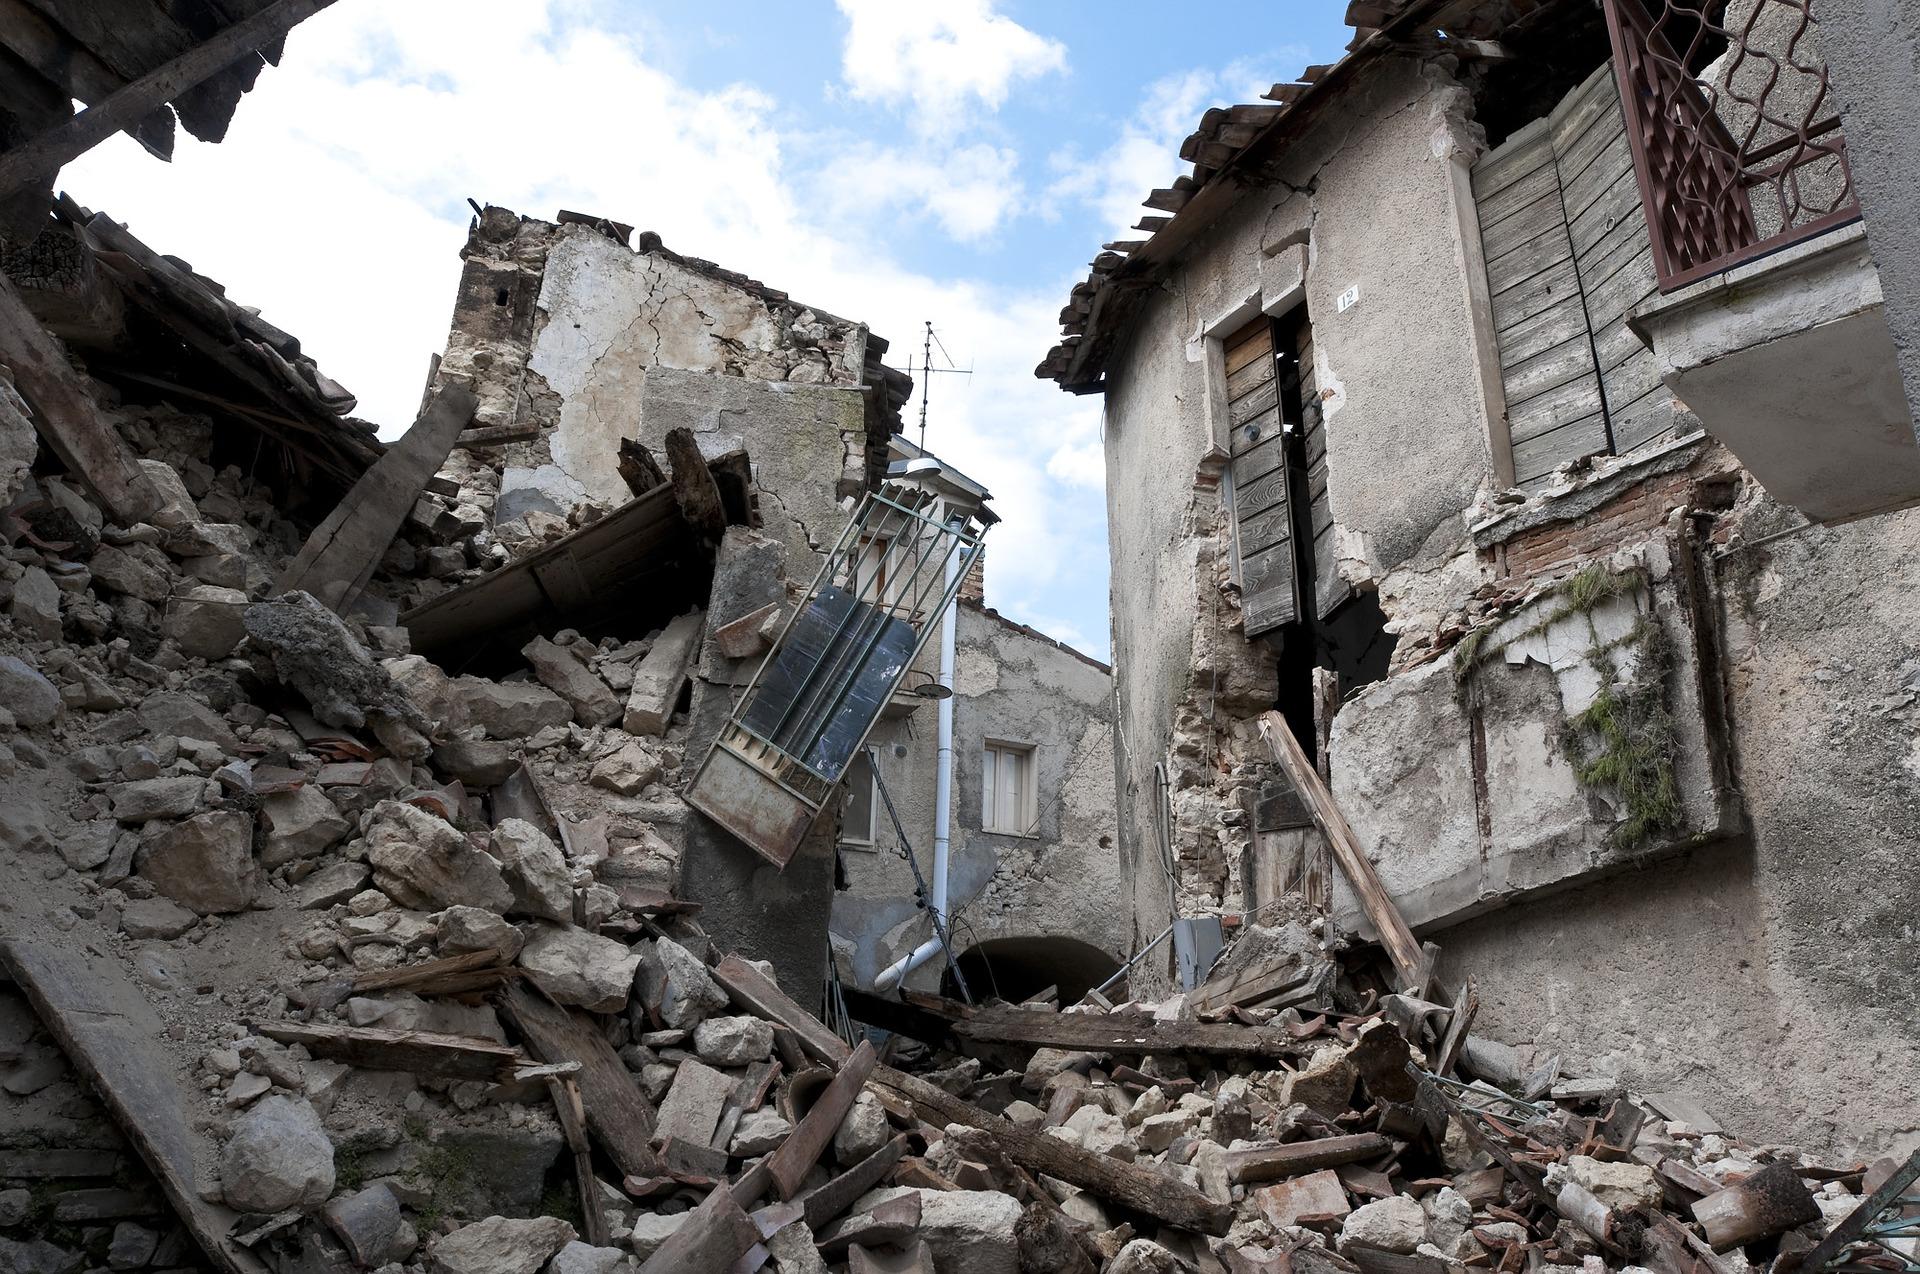 Osiguranje od potresa - Zašto je važno imati osiguranje od potresa?